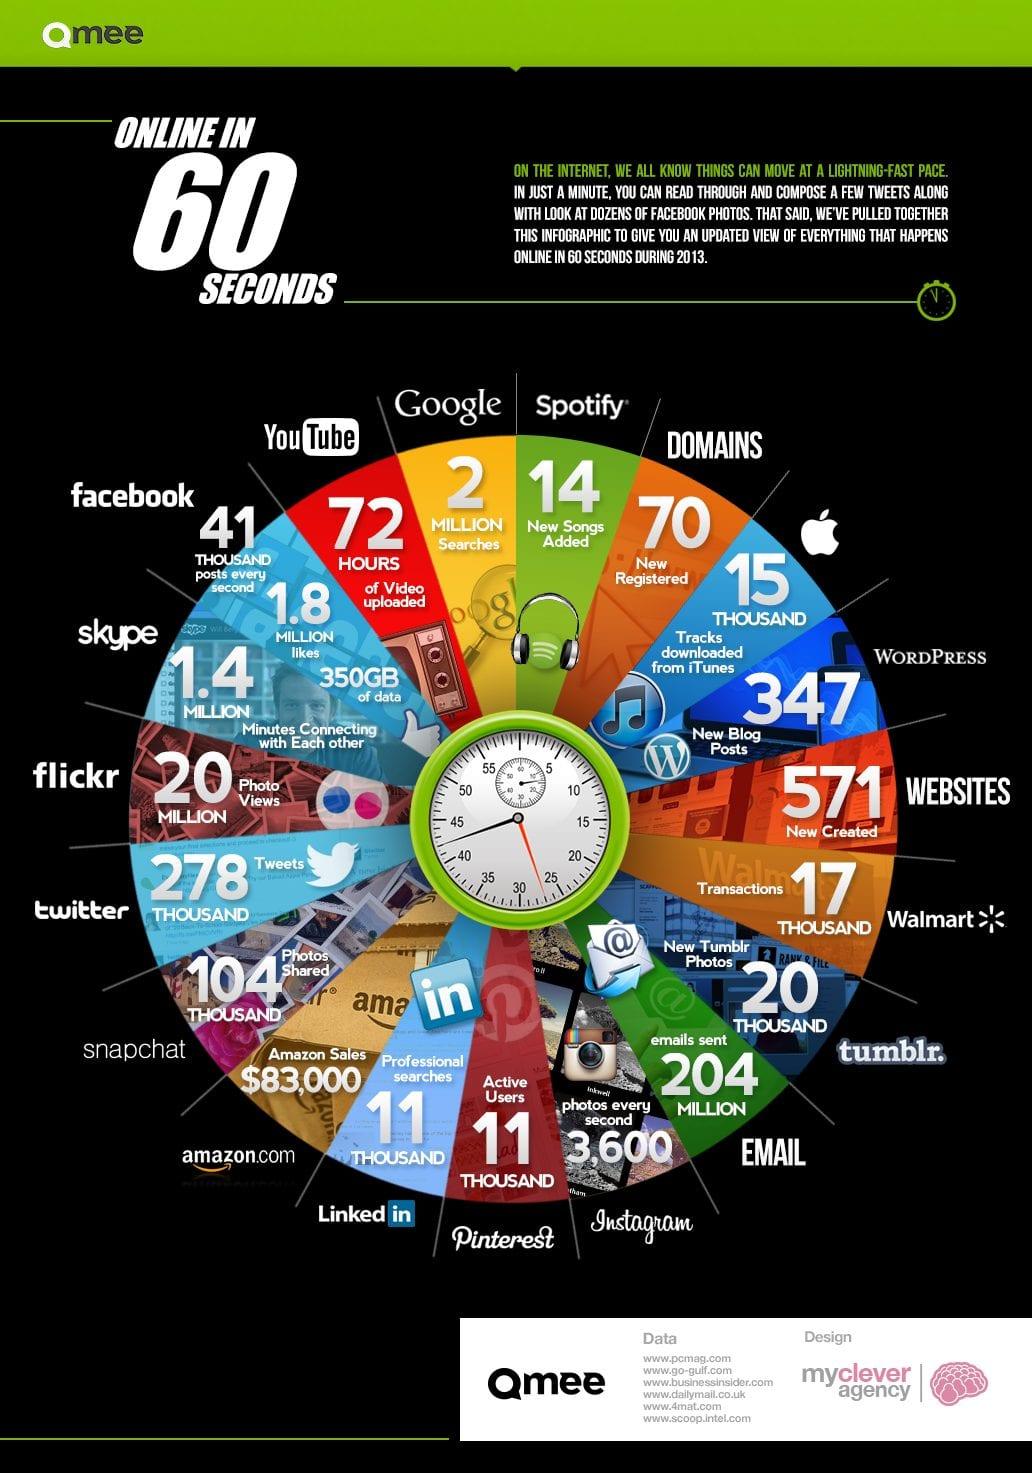 De online wereld - wat gebeurt er in 60 seconden? [infographic]